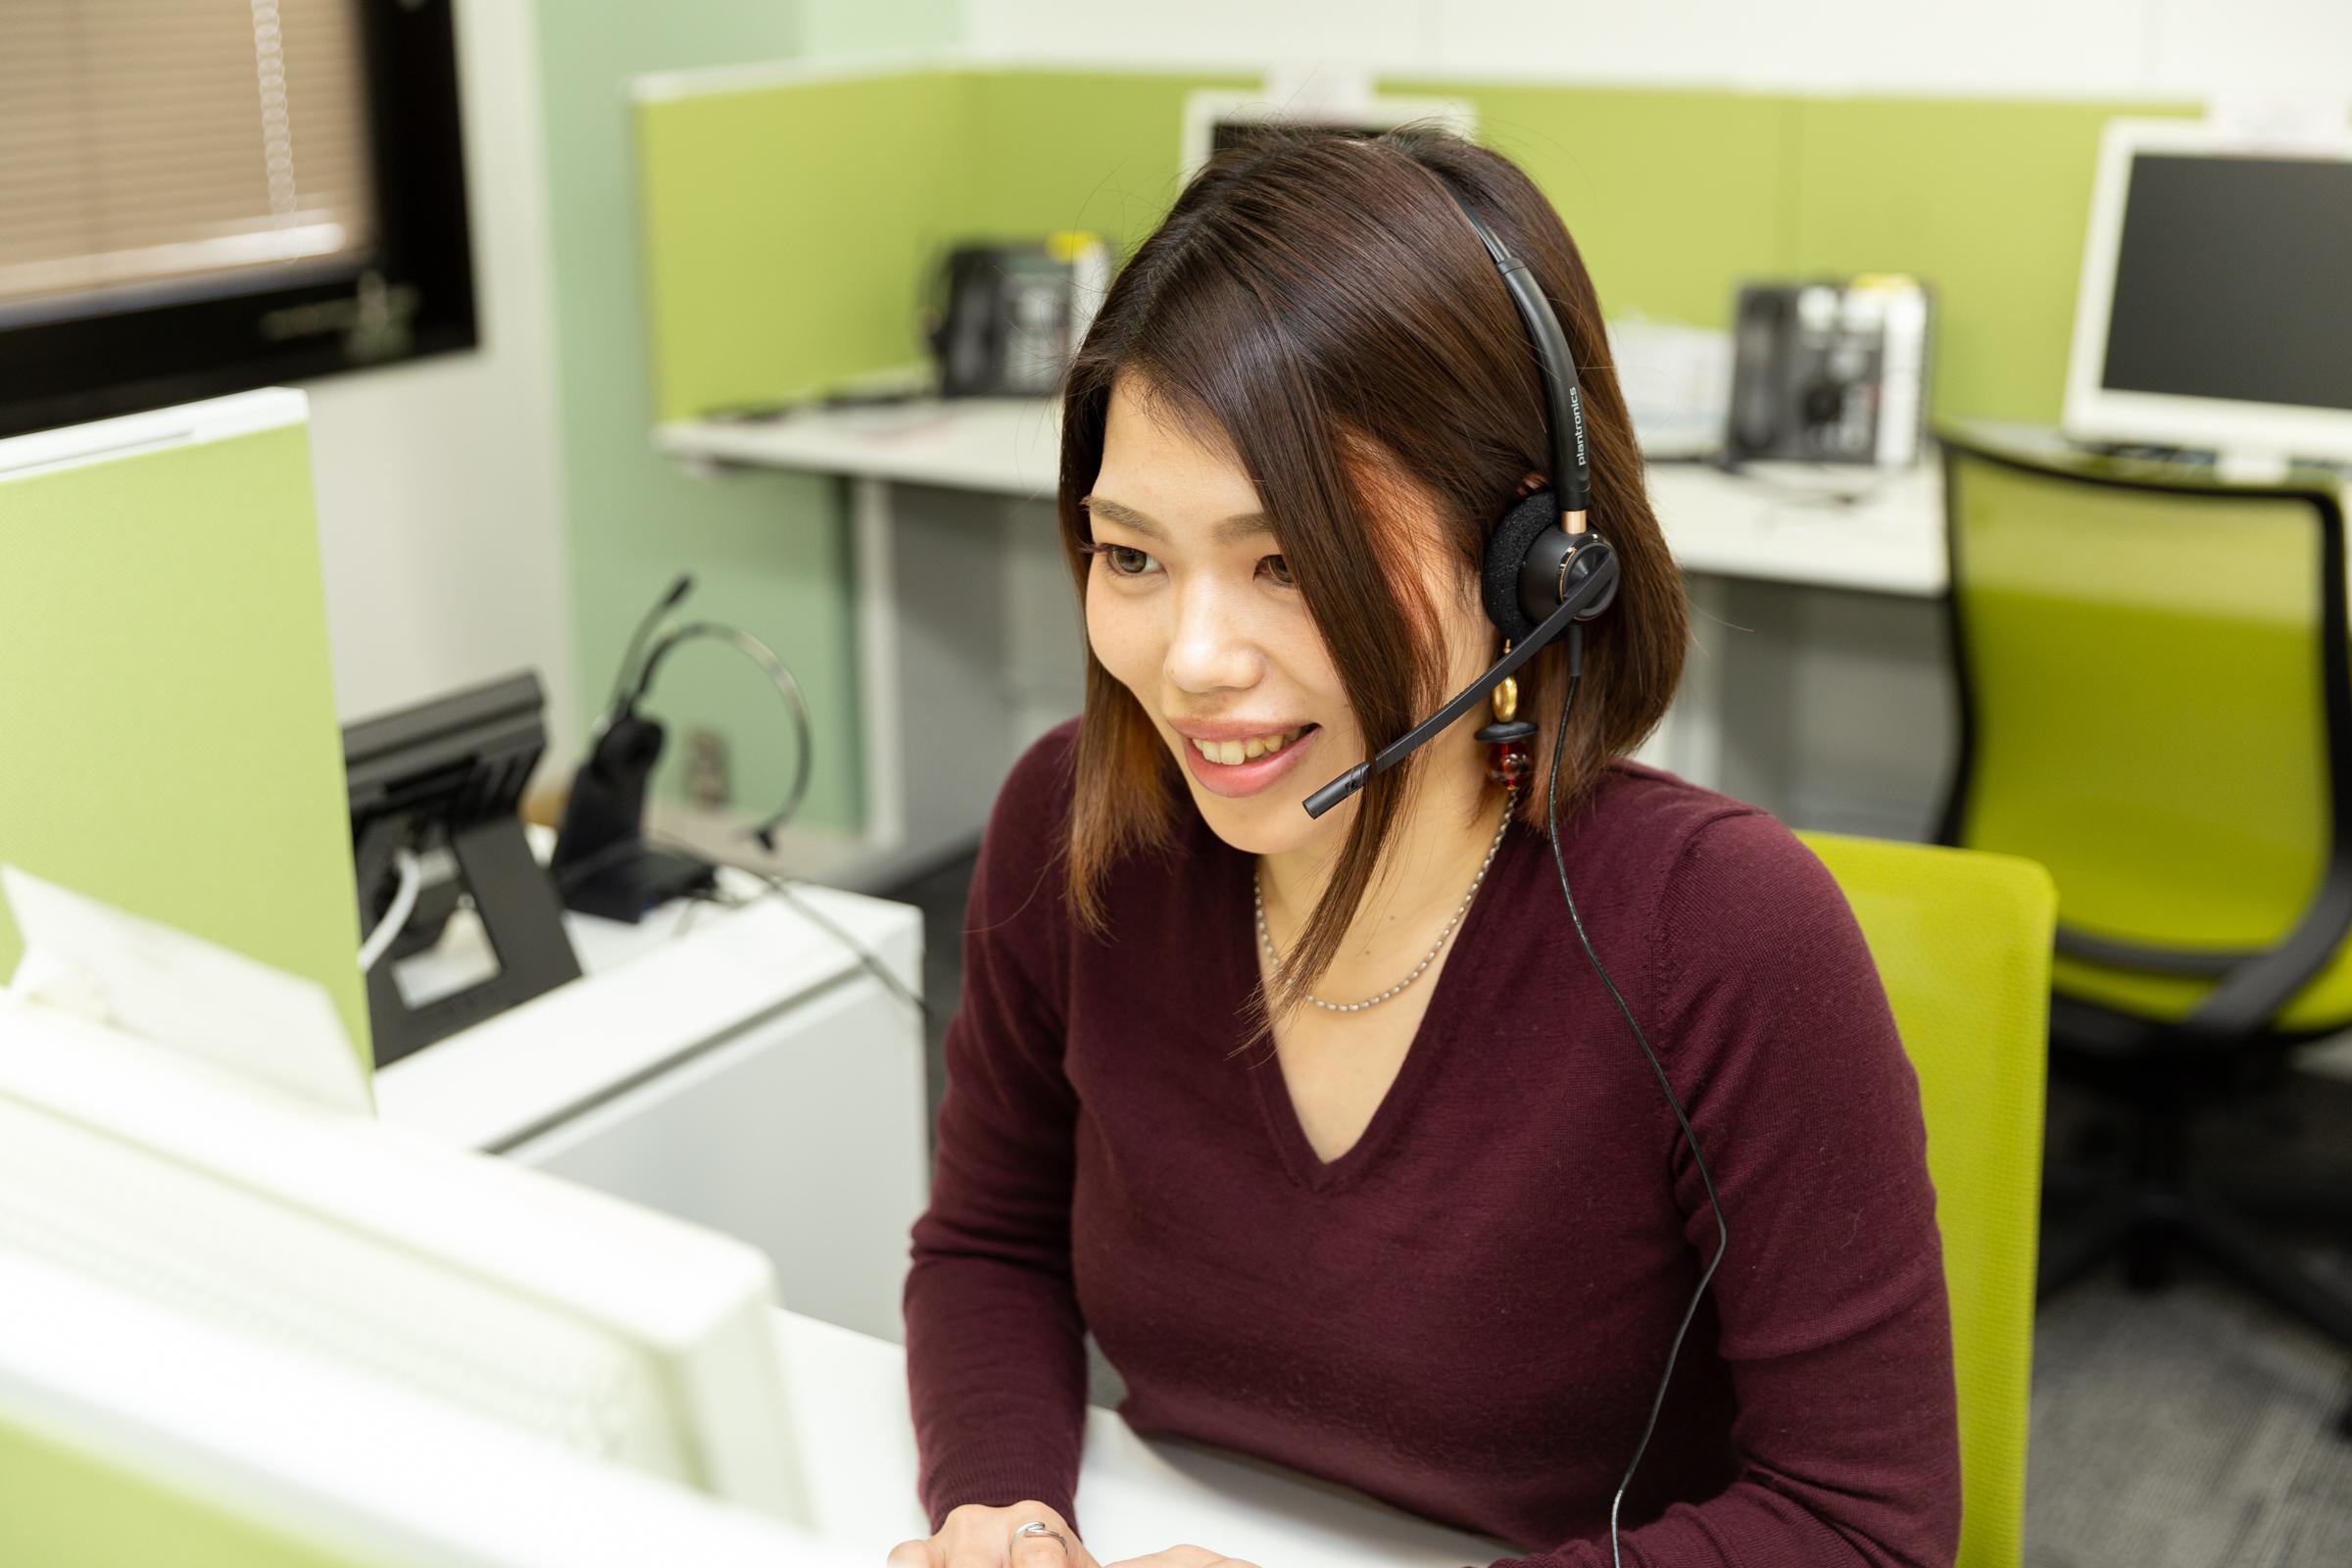 マンション設備の点検に関する電話対応